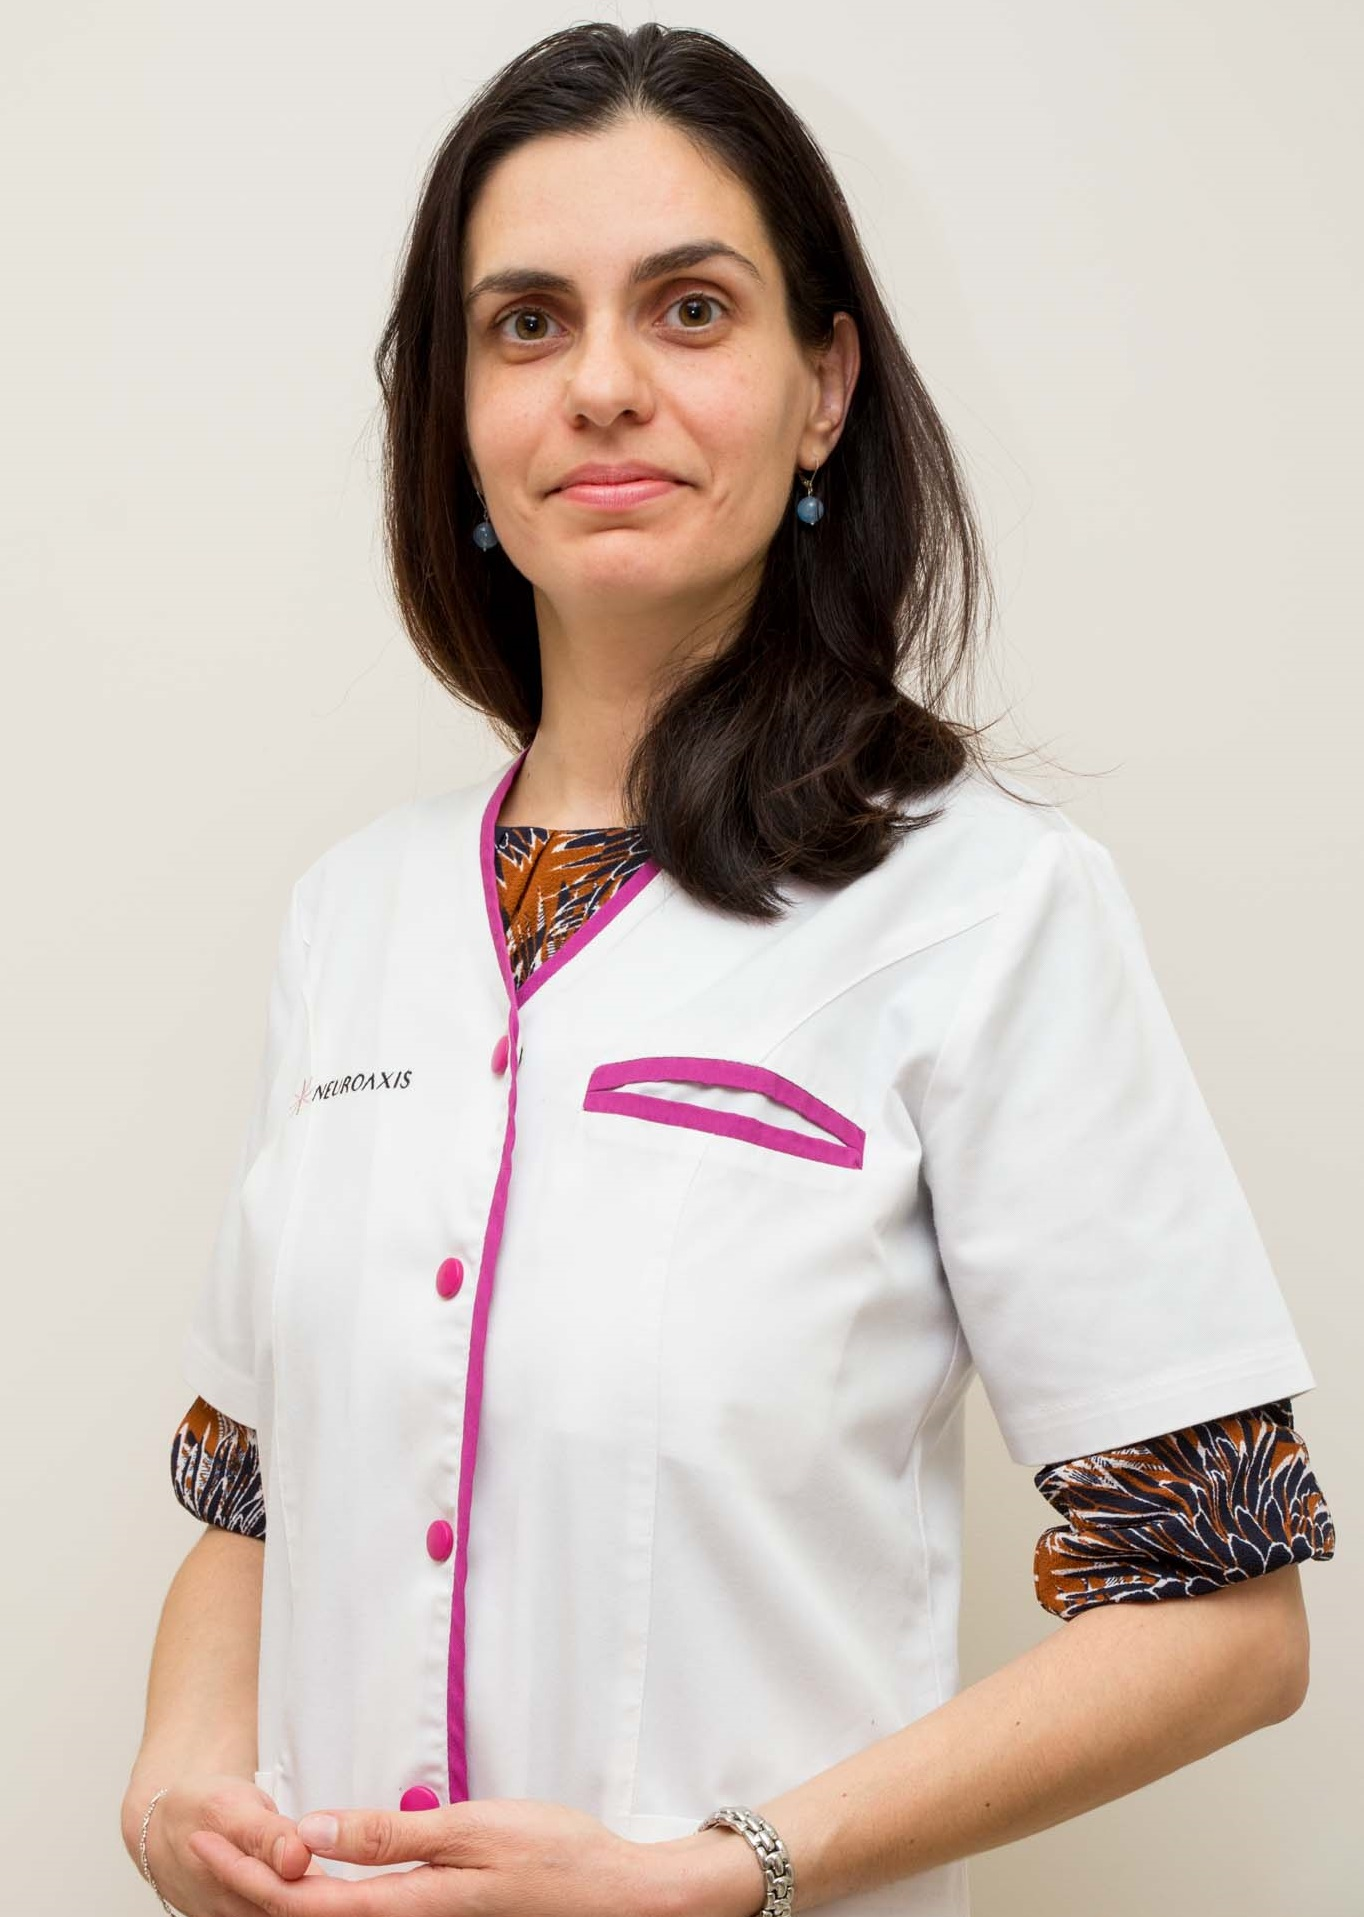 Dr. Floriana Boghez